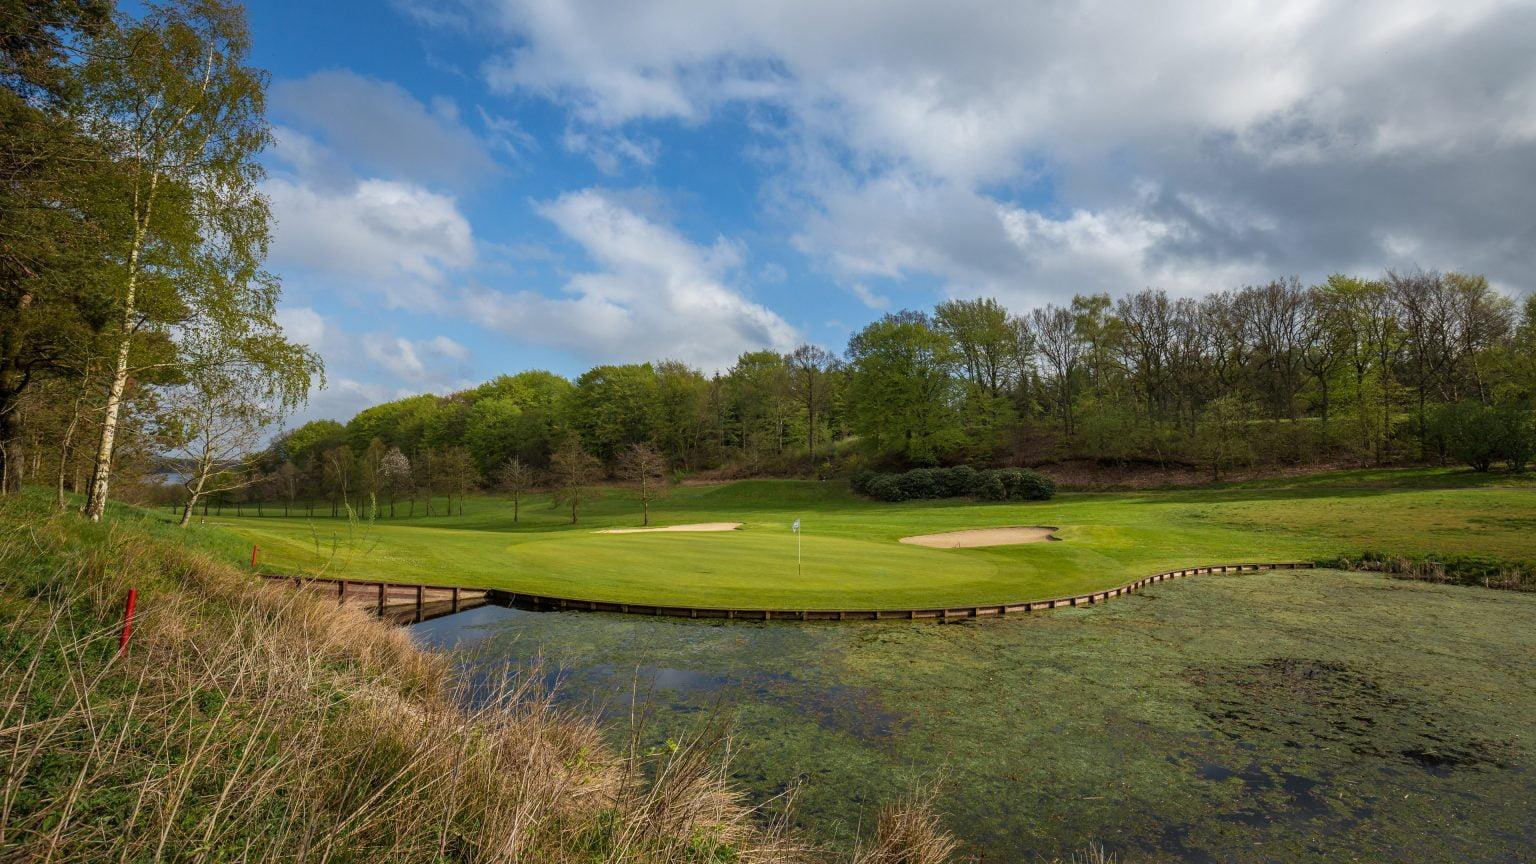 Golf in Denmark